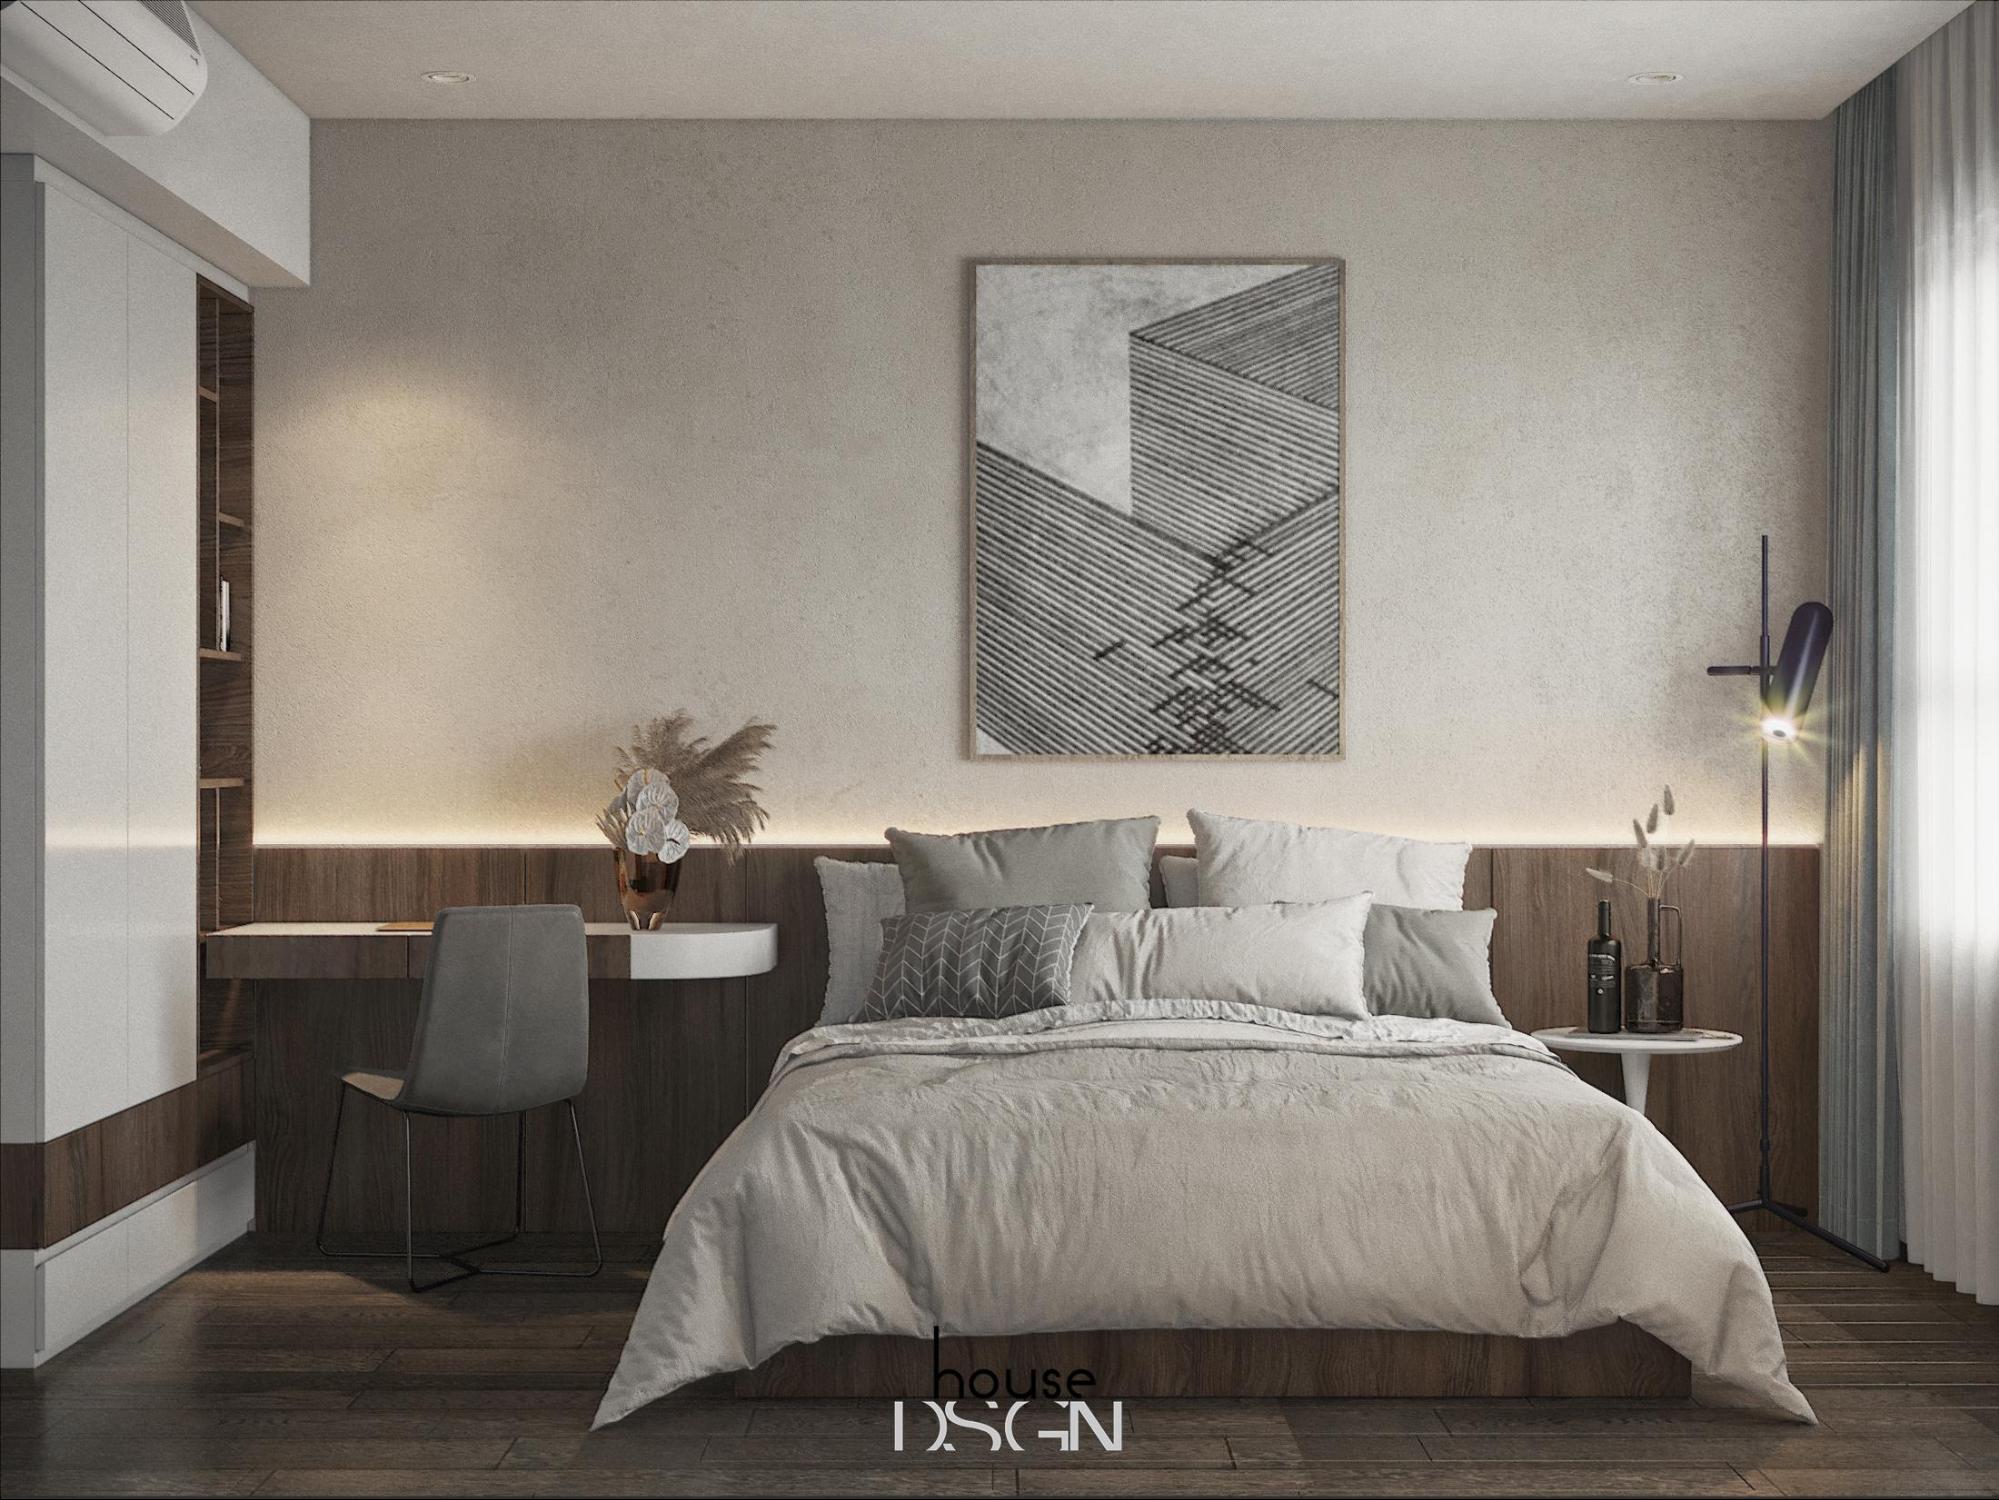 bố trí phong cách đương đại cho phòng ngủ